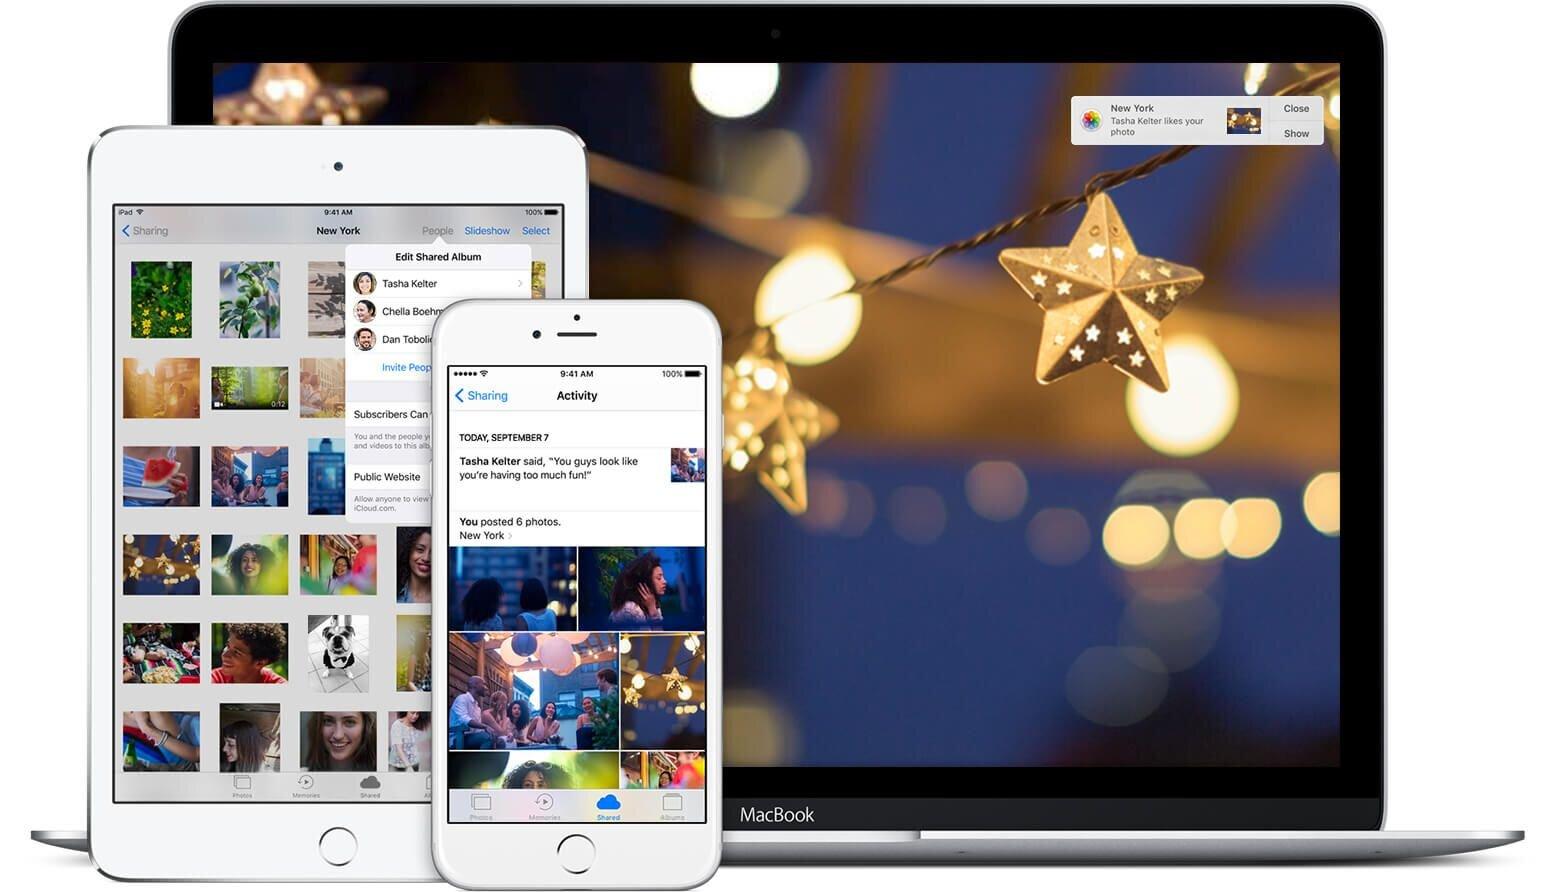 Việc đồng bộ hóa hình ảnh lên iCloud giúp bạn dễ dàng sao chép và sử dụng trên các thiết bị của Apple